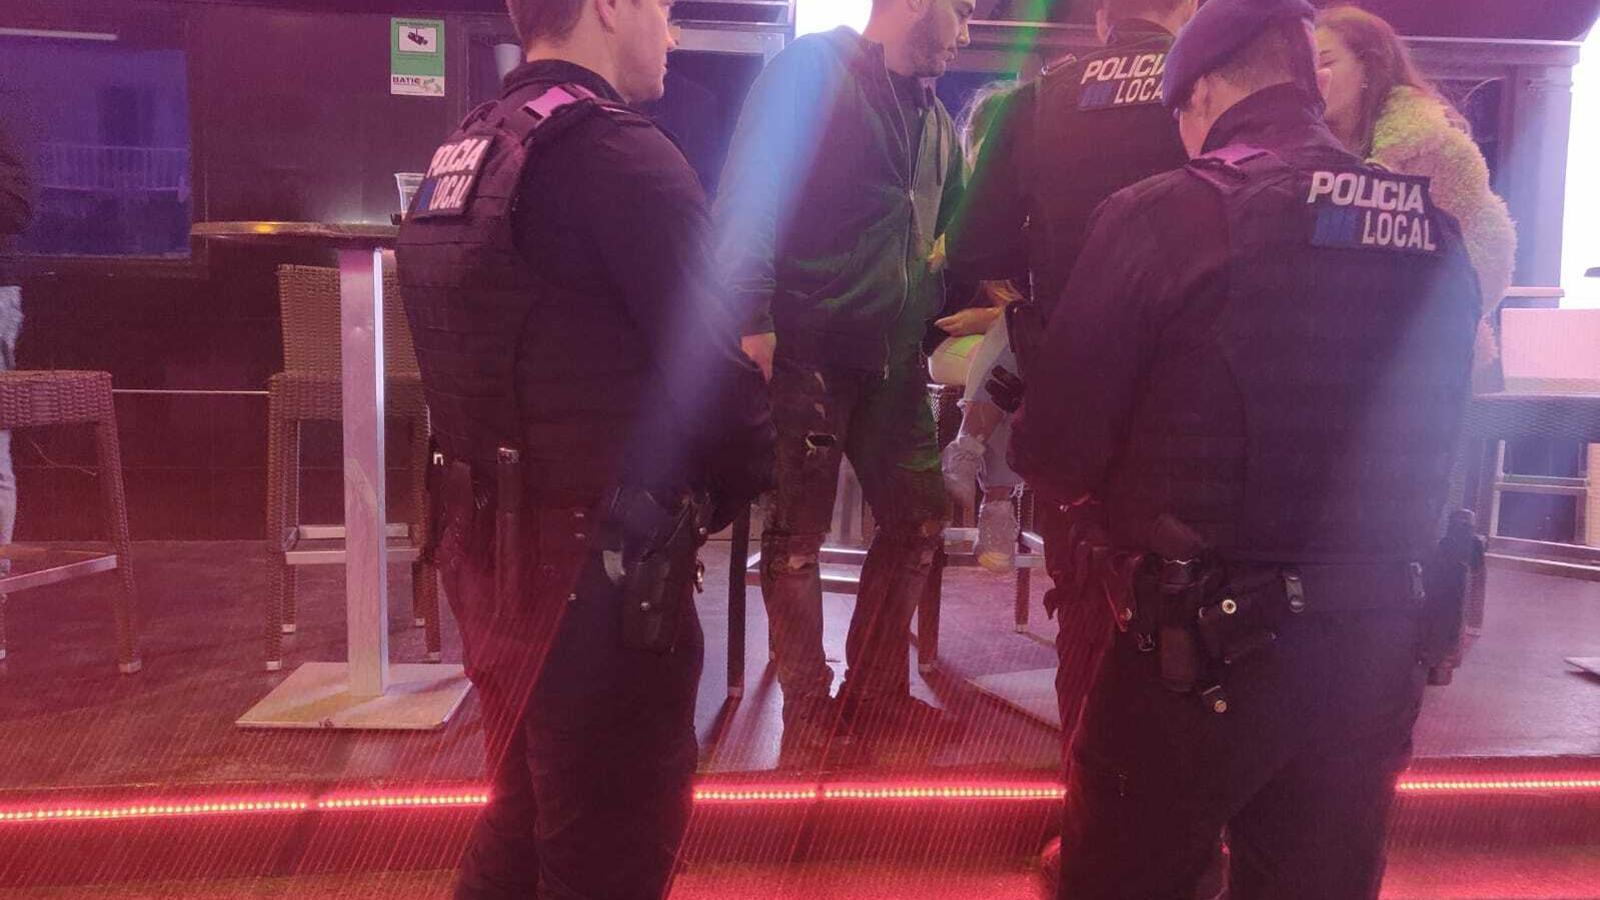 La Policia Local de Calvià va ser l'encarregada de dur a terme la investigació